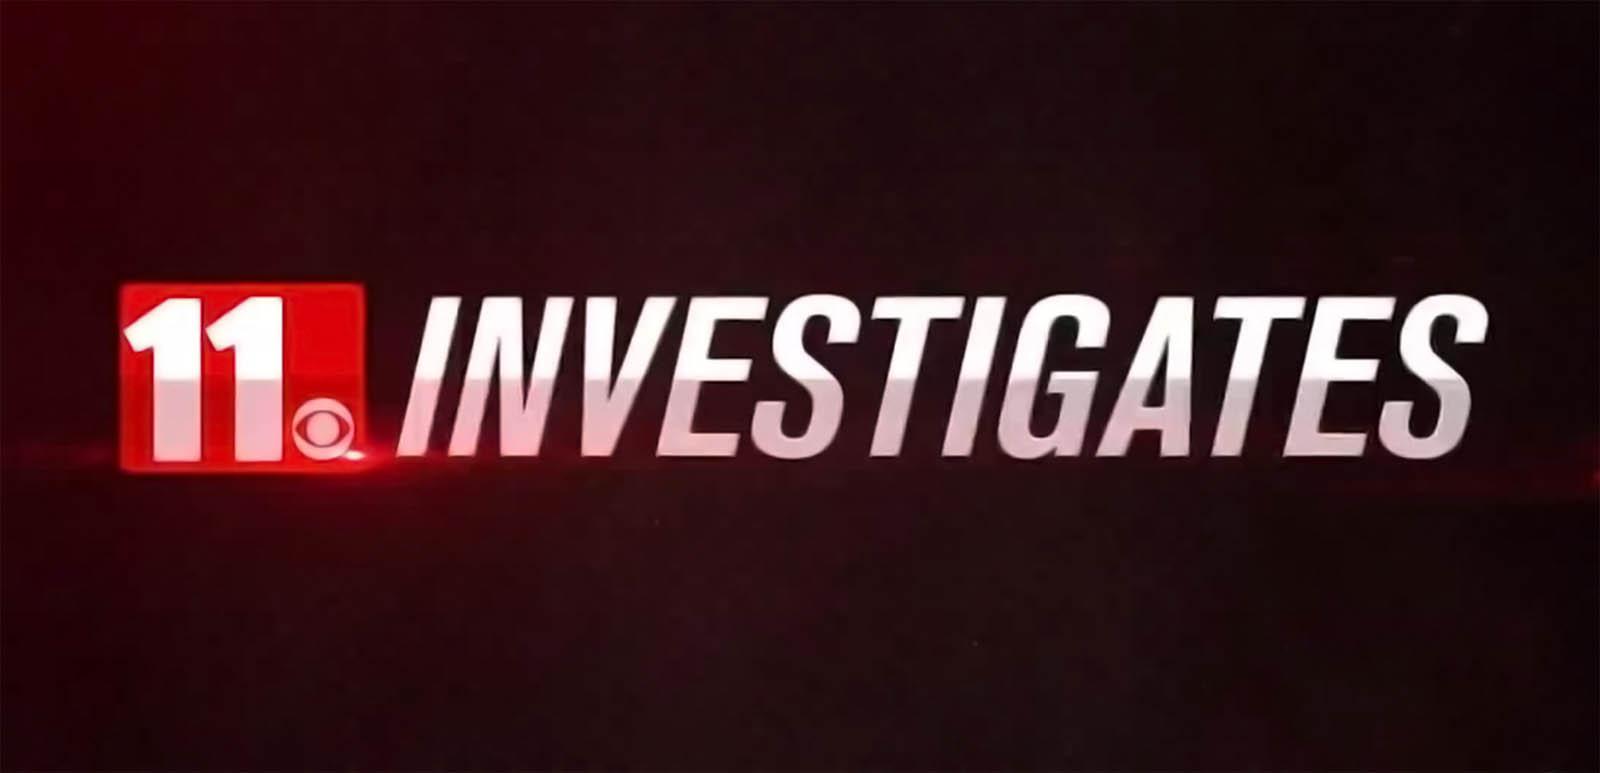 11 Investigates